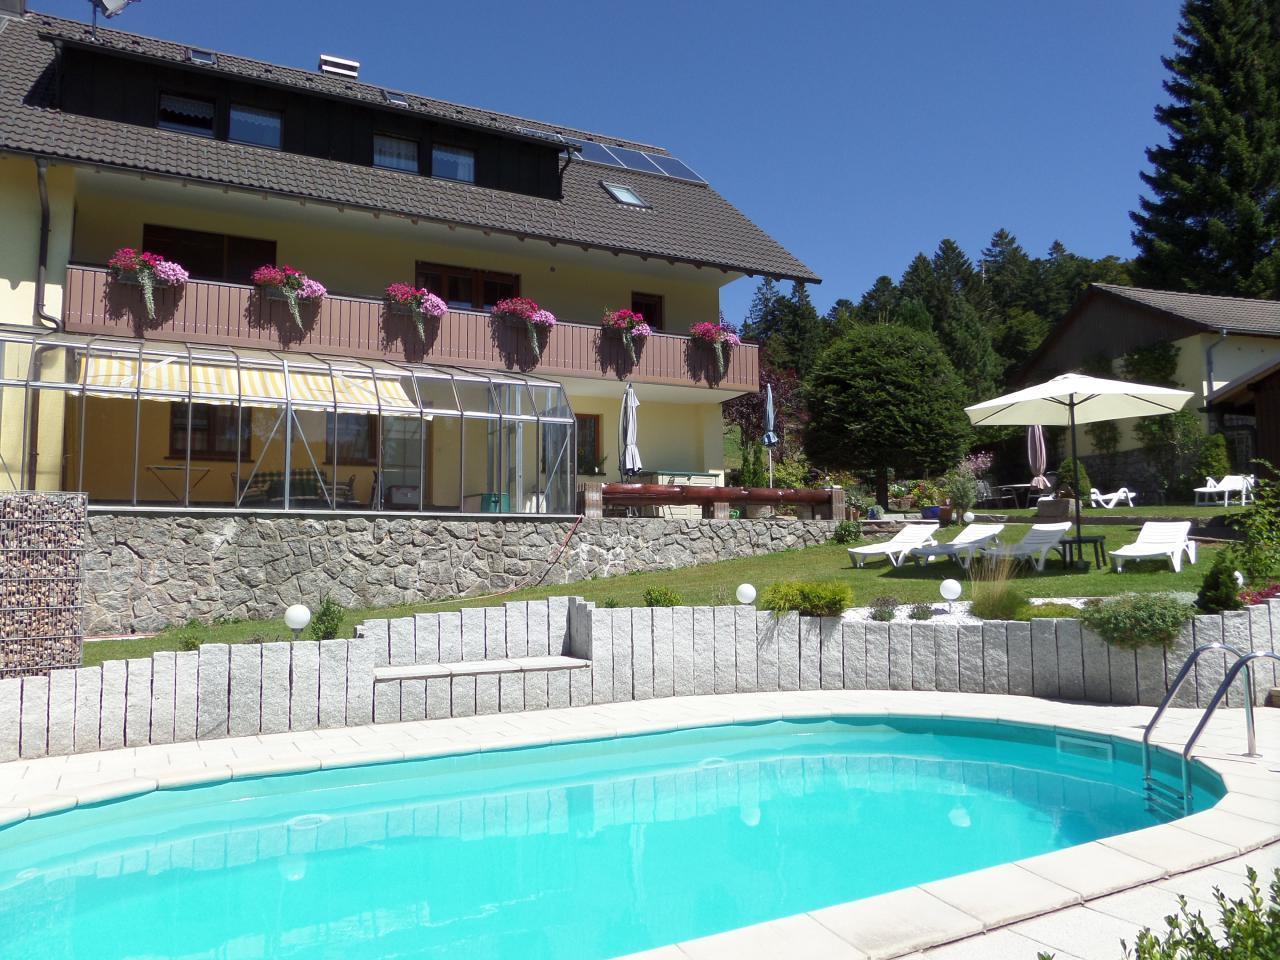 Ferienwohnung Gästehaus Dummer - Ferienwohnung Wehratal  5 Sterne (468257), Herrischried, Schwarzwald, Baden-Württemberg, Deutschland, Bild 1